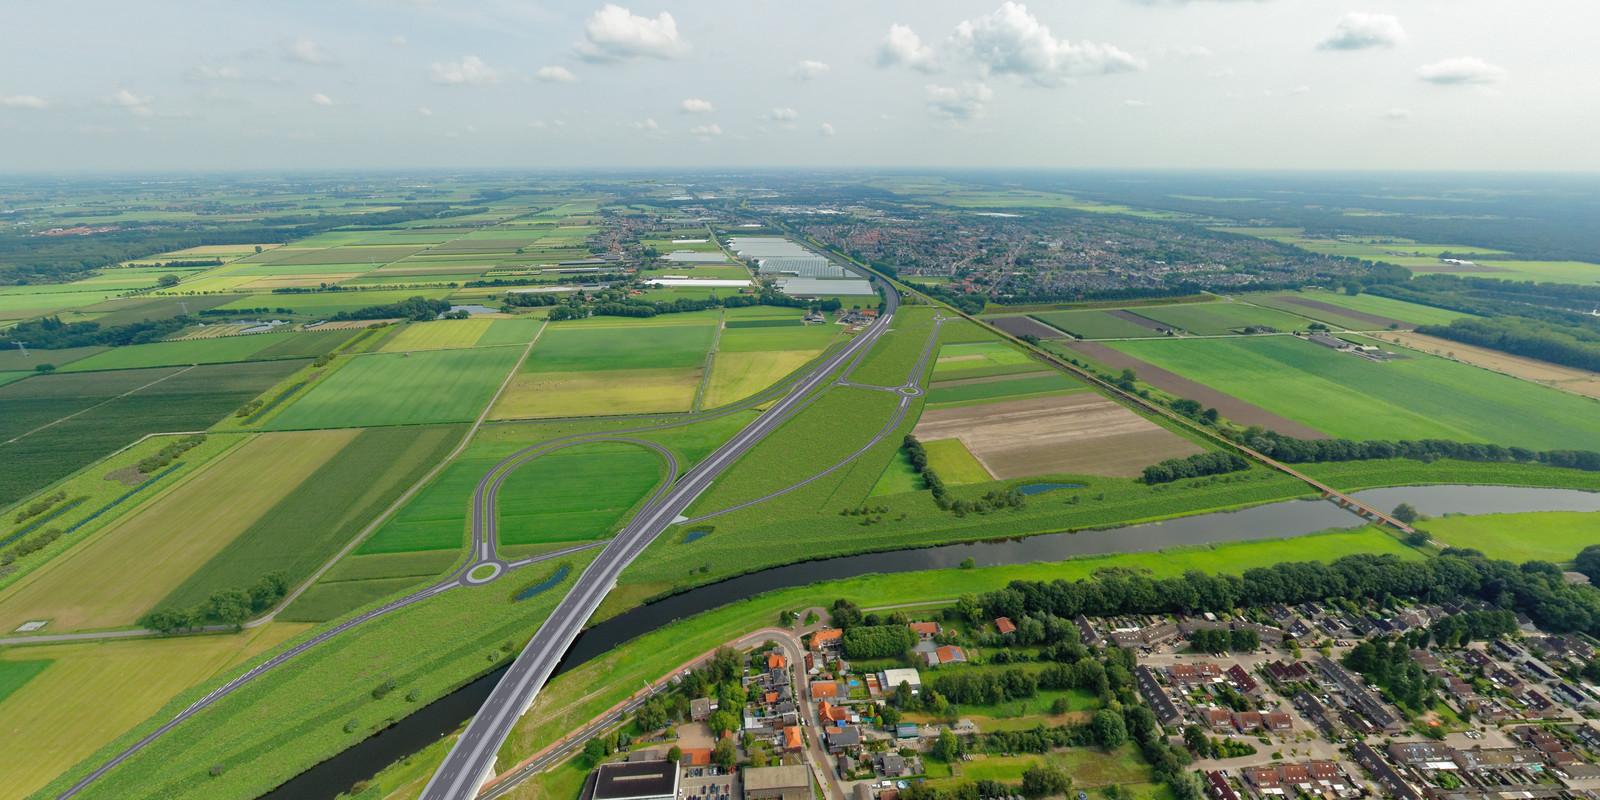 De nieuwe verkeerssituatie in de Baardwijkse Overlaat tussen Waalwijk en Drunen, als de GOL-plannen worden uitgevoerd. Voorlopig is het wachten op de uitspraak van de Raad van State.